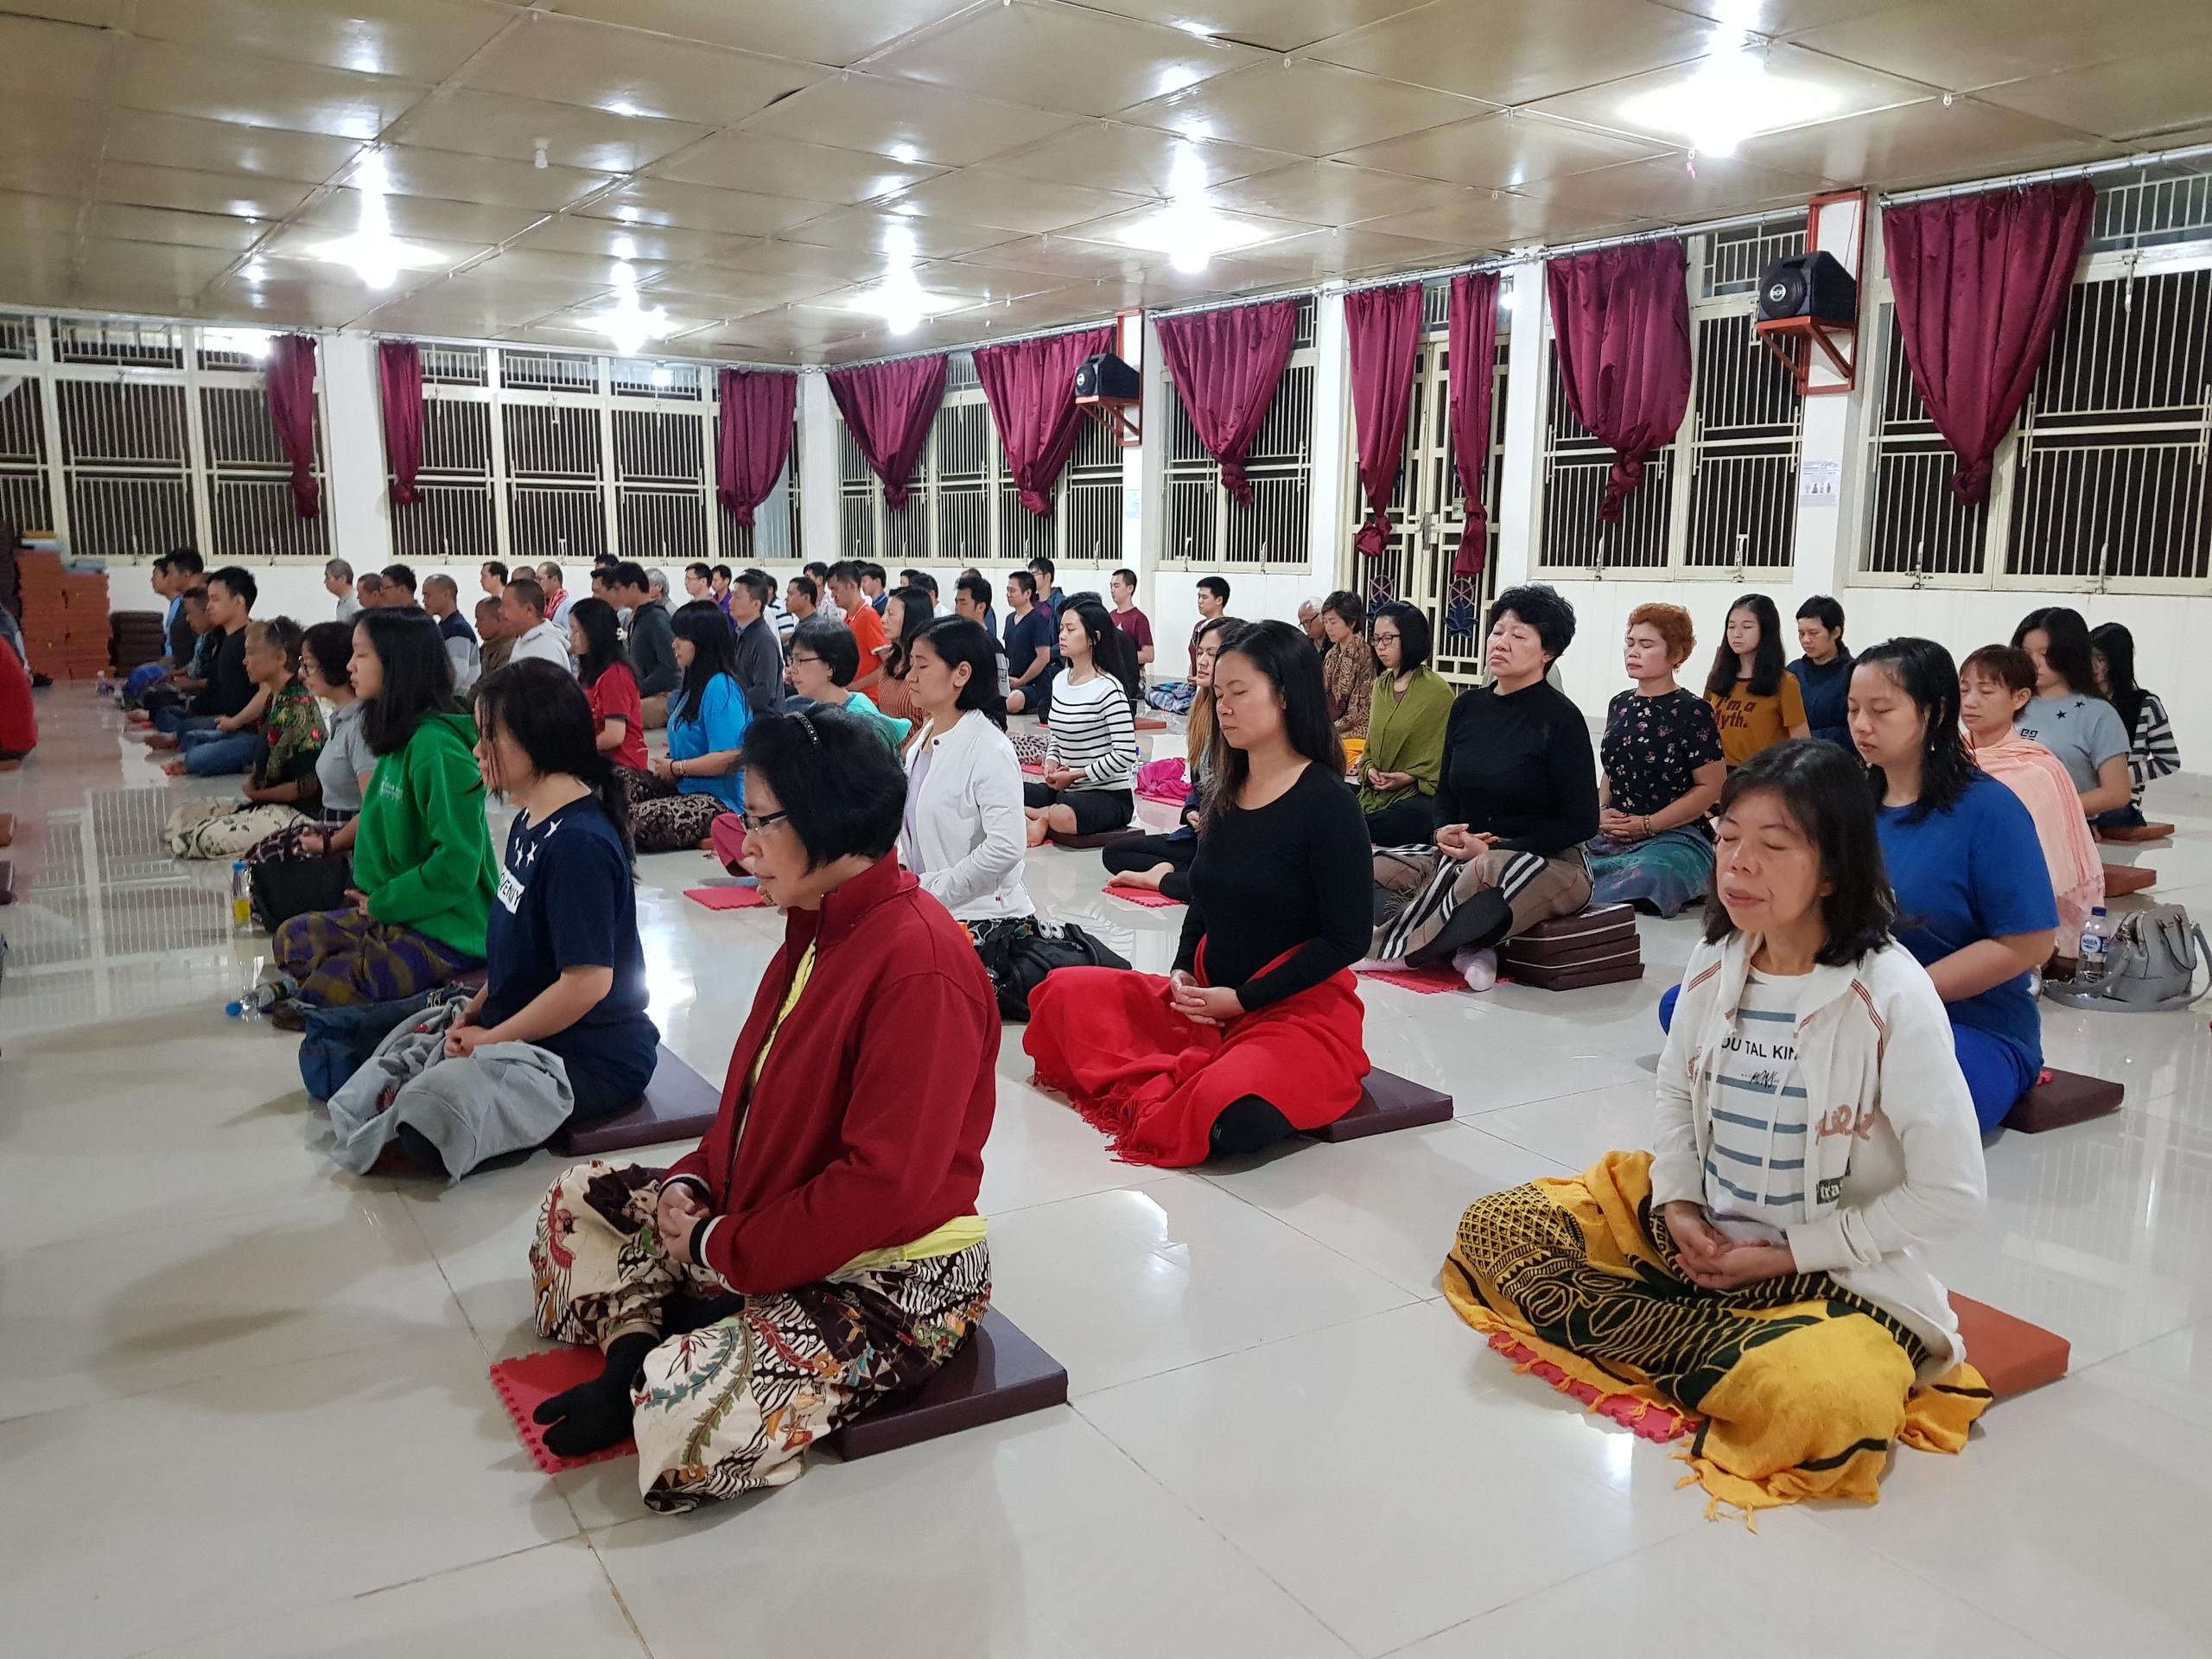 Retret Meditasi Desember 2018, Bakom, Cianjur